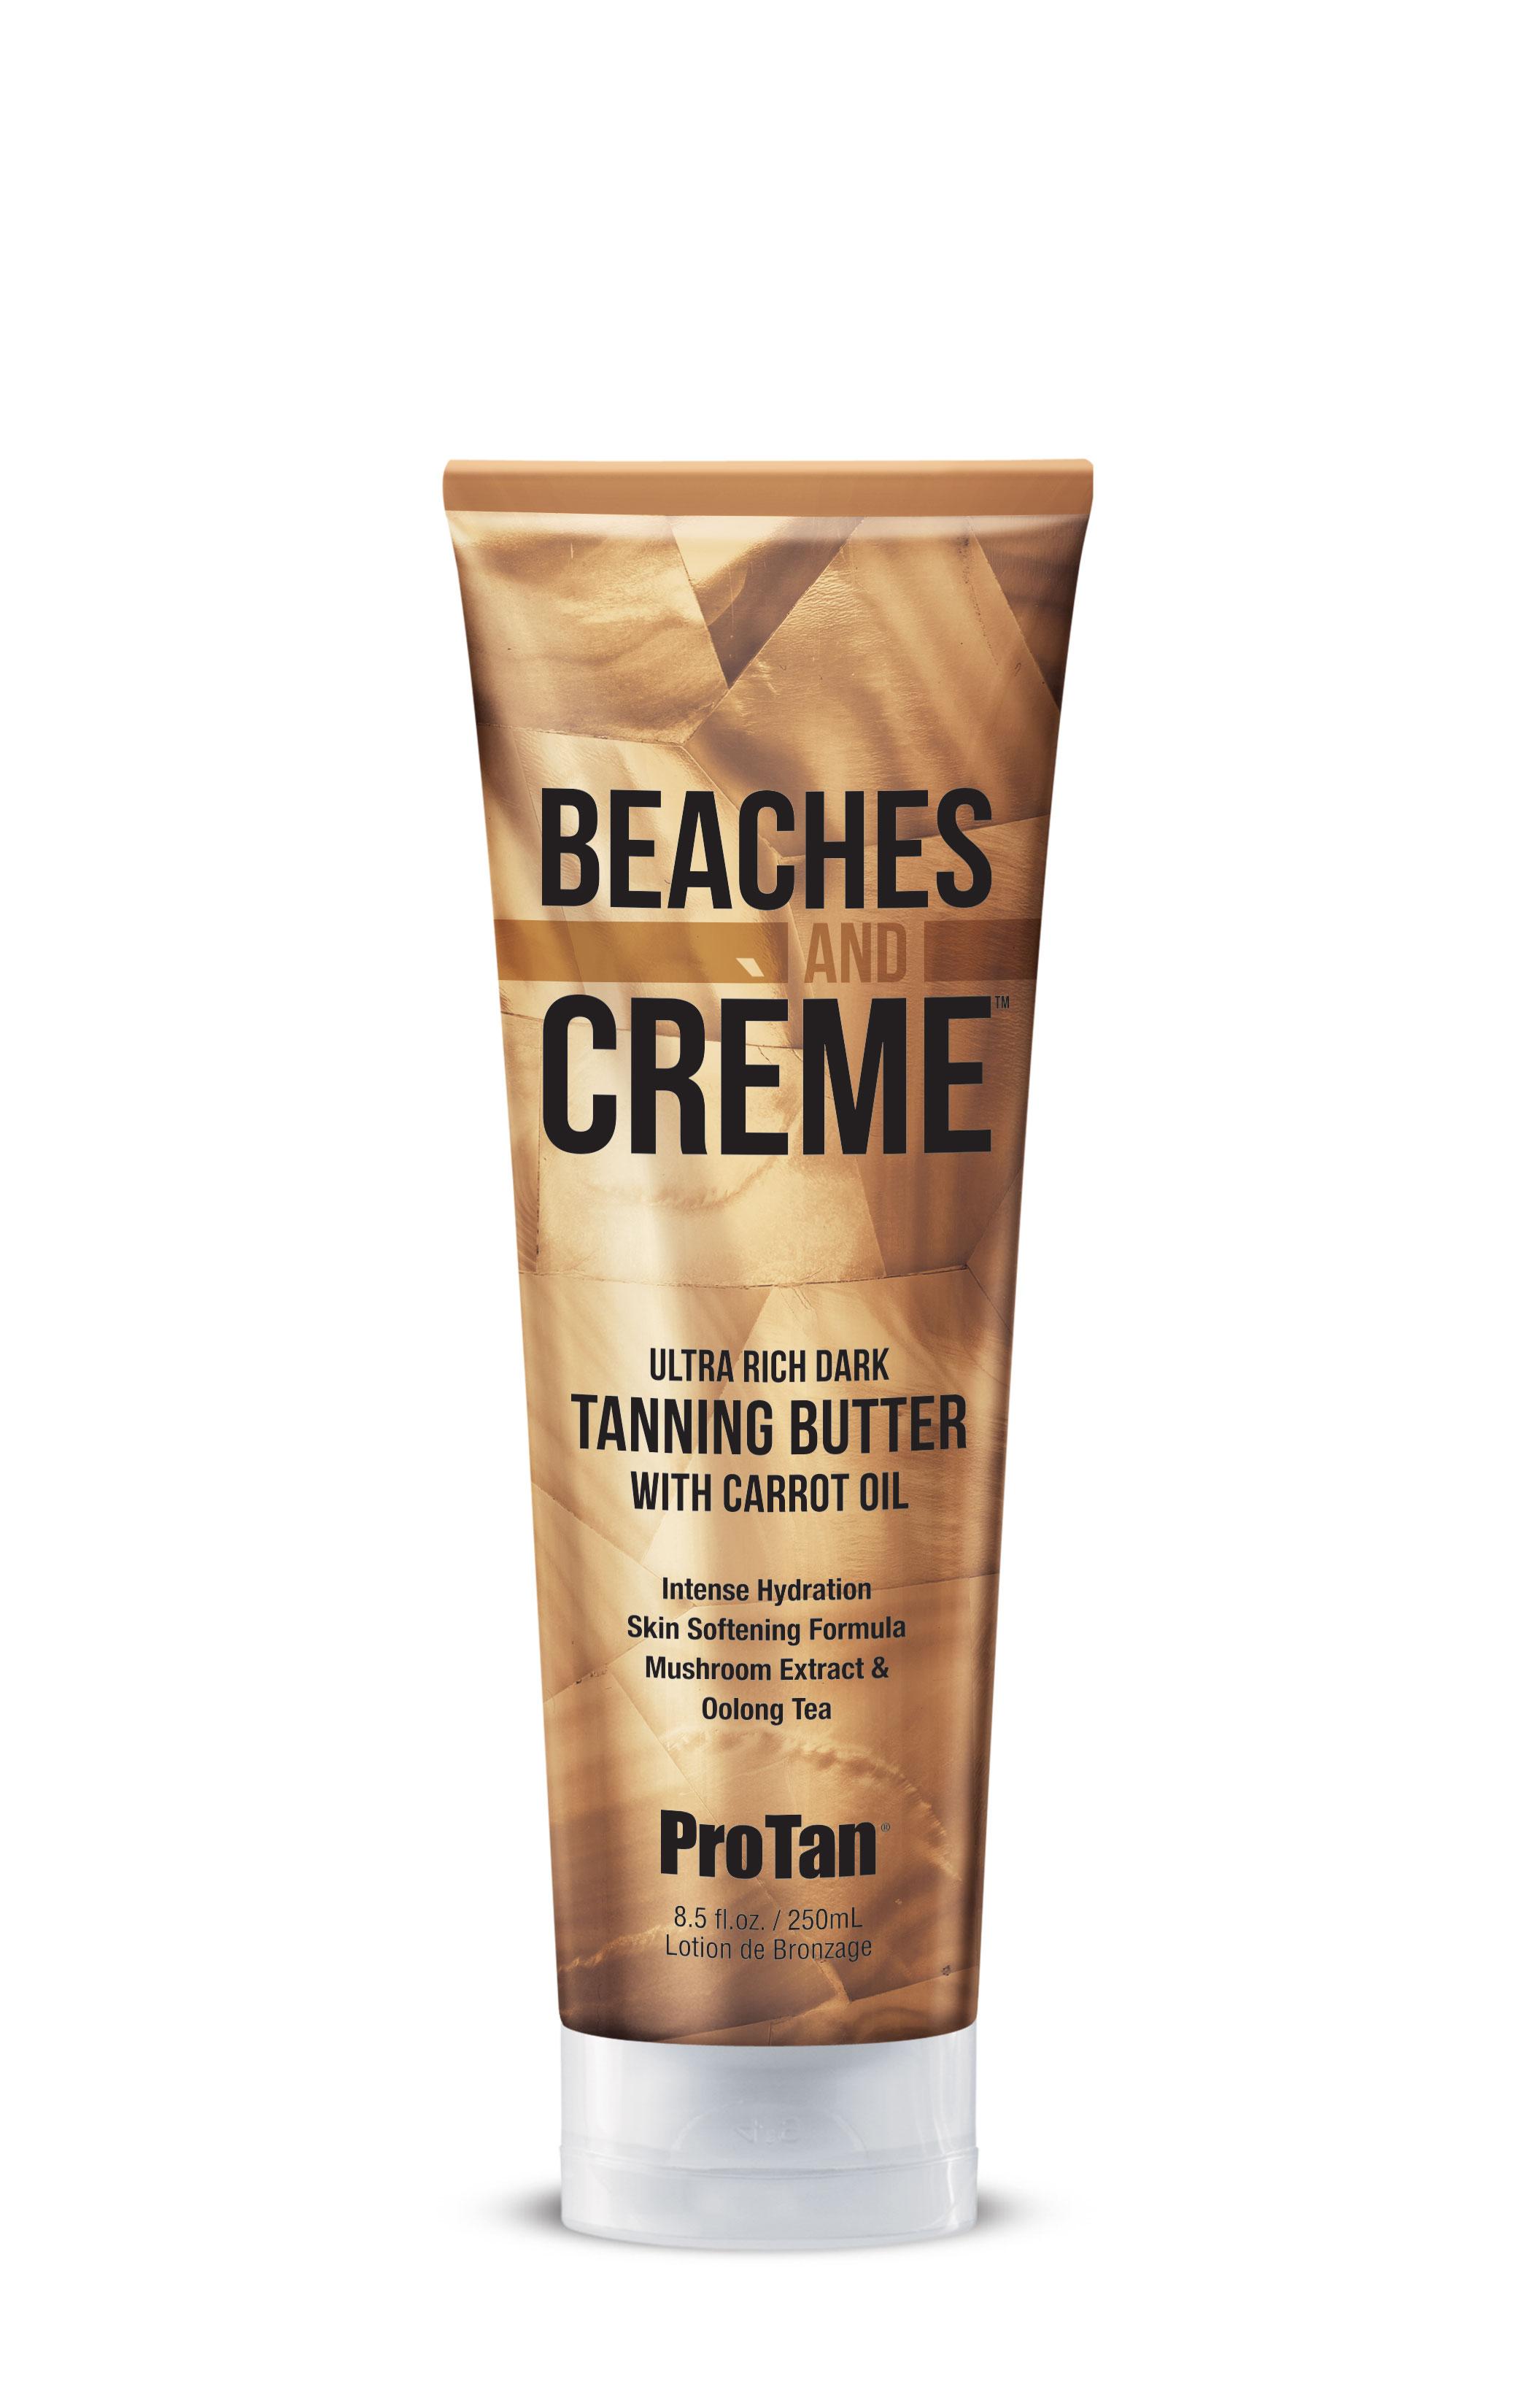 Beaches & Cream